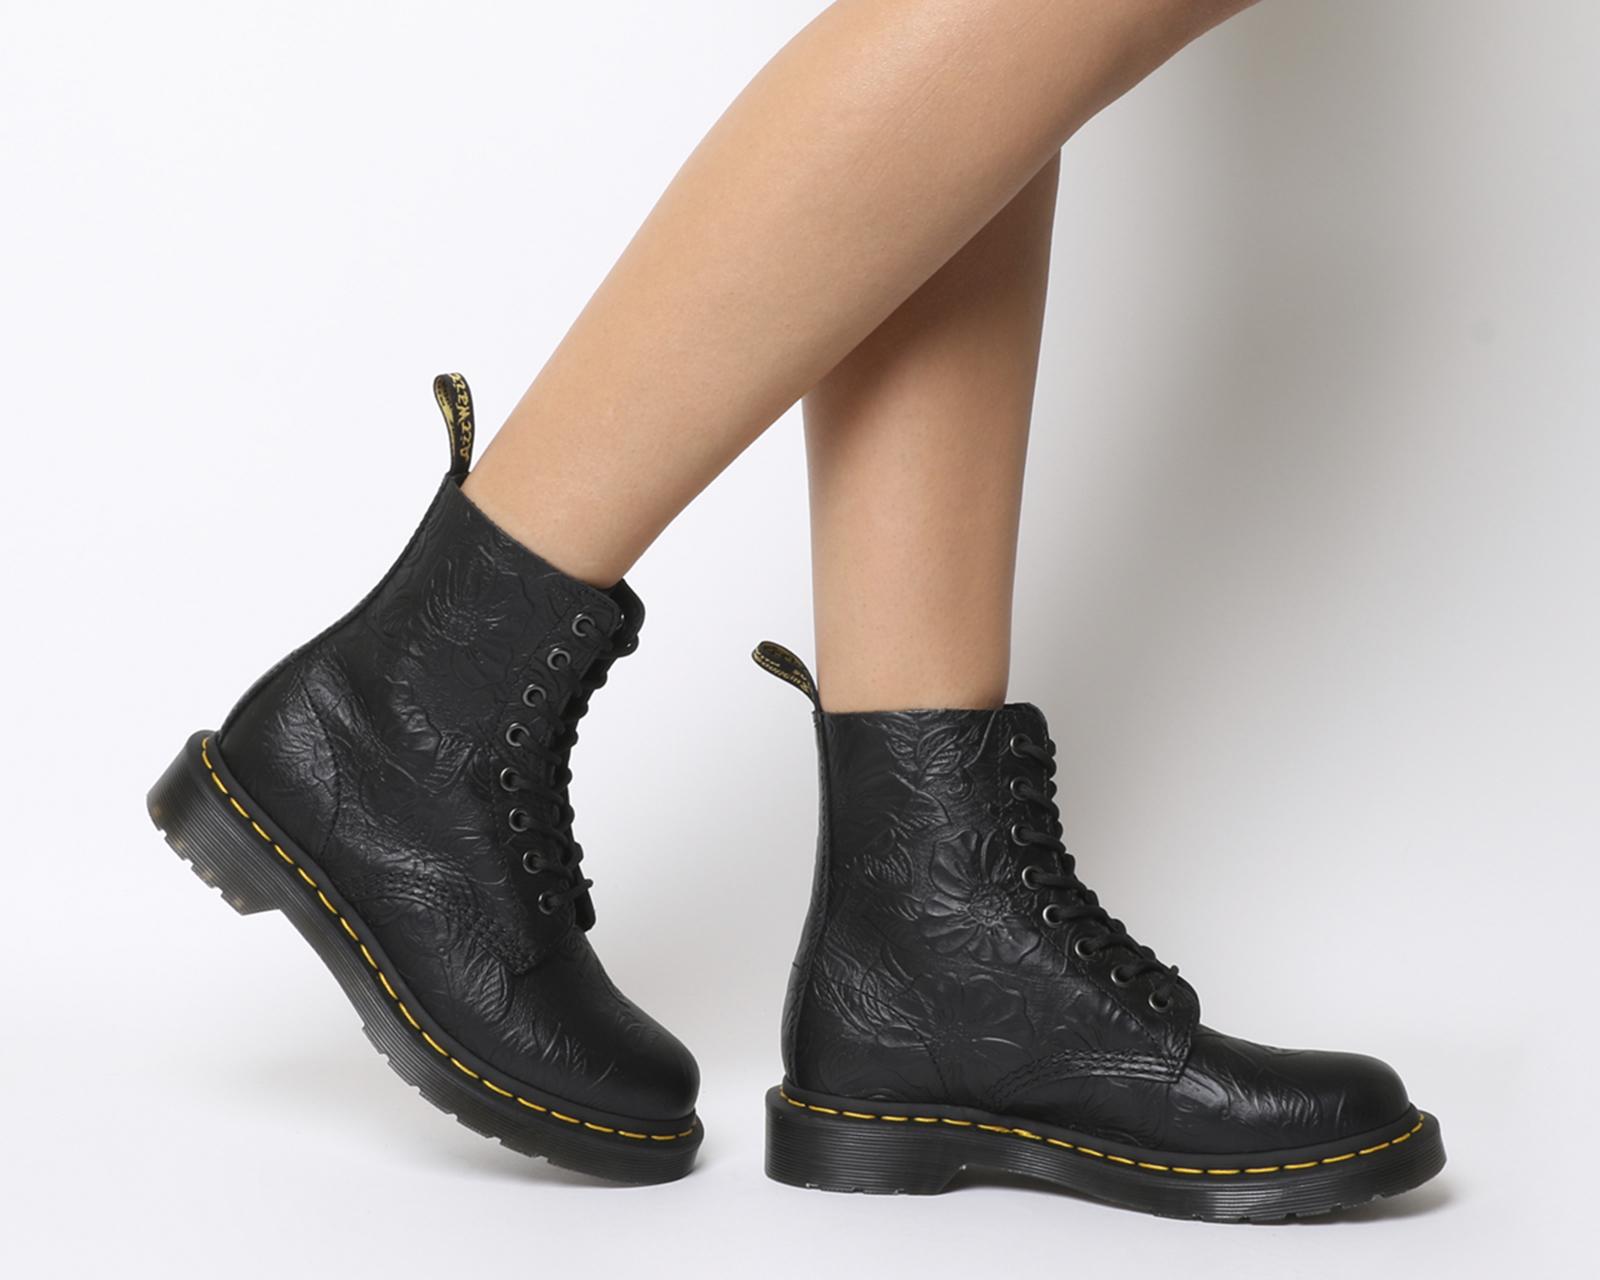 d3859c174a3d1c WÄCHTER Damen Dr. Martens 8 Öse schnüren hoch Stiefel BLACK FLORAL Relief  Stiefel